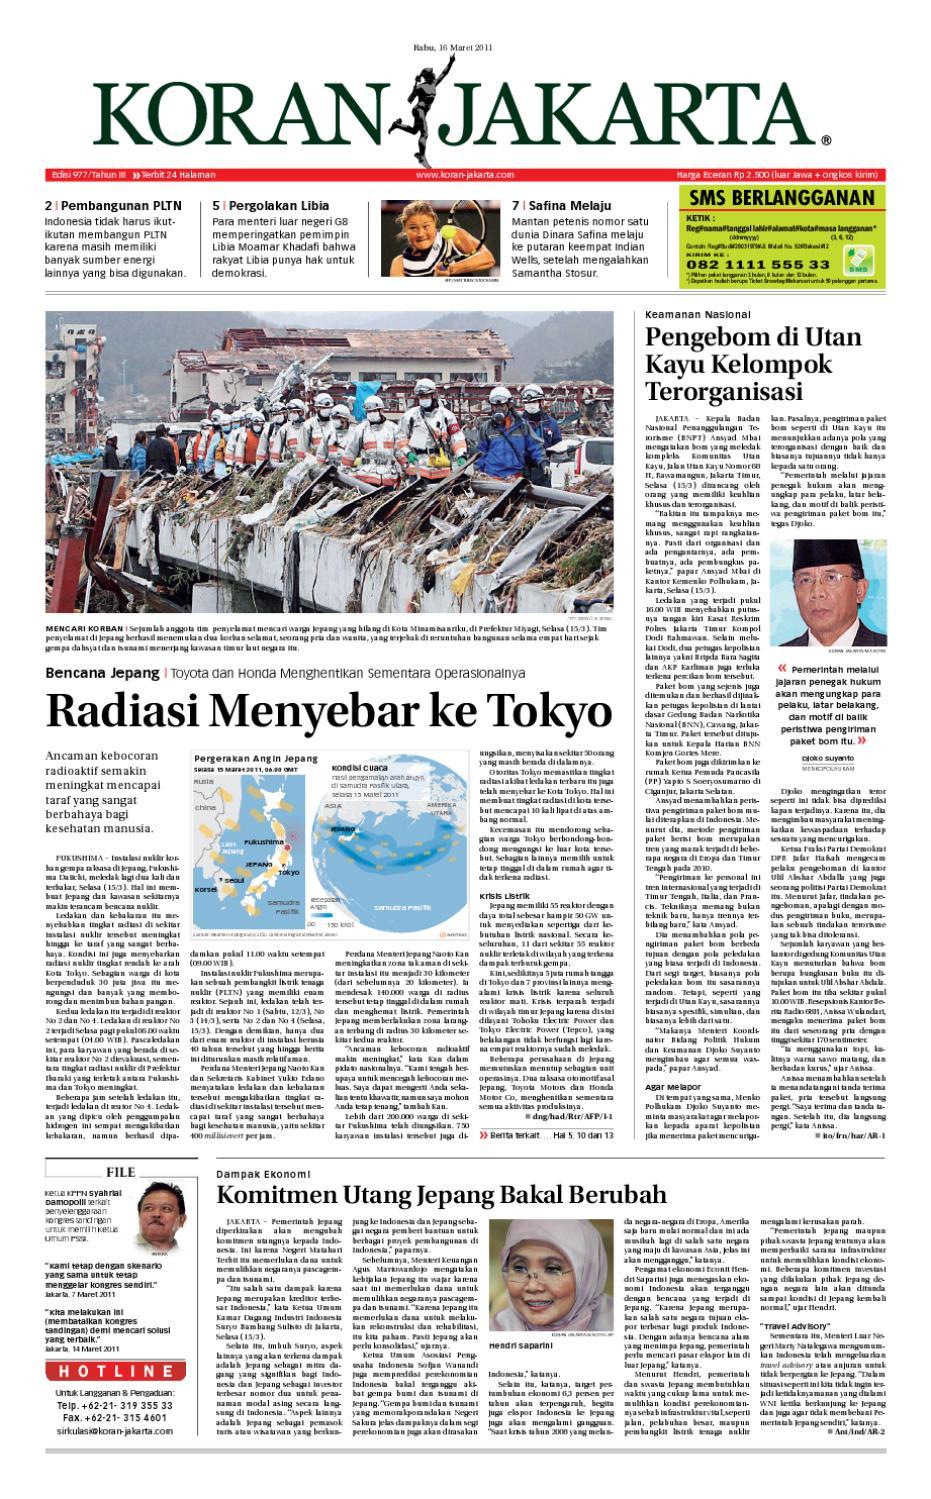 Edisi 977 16 Maret 2011 By Pt Berita Nusantara Issuu Produk Ukm Bumn Bunge Tanjung Betabur